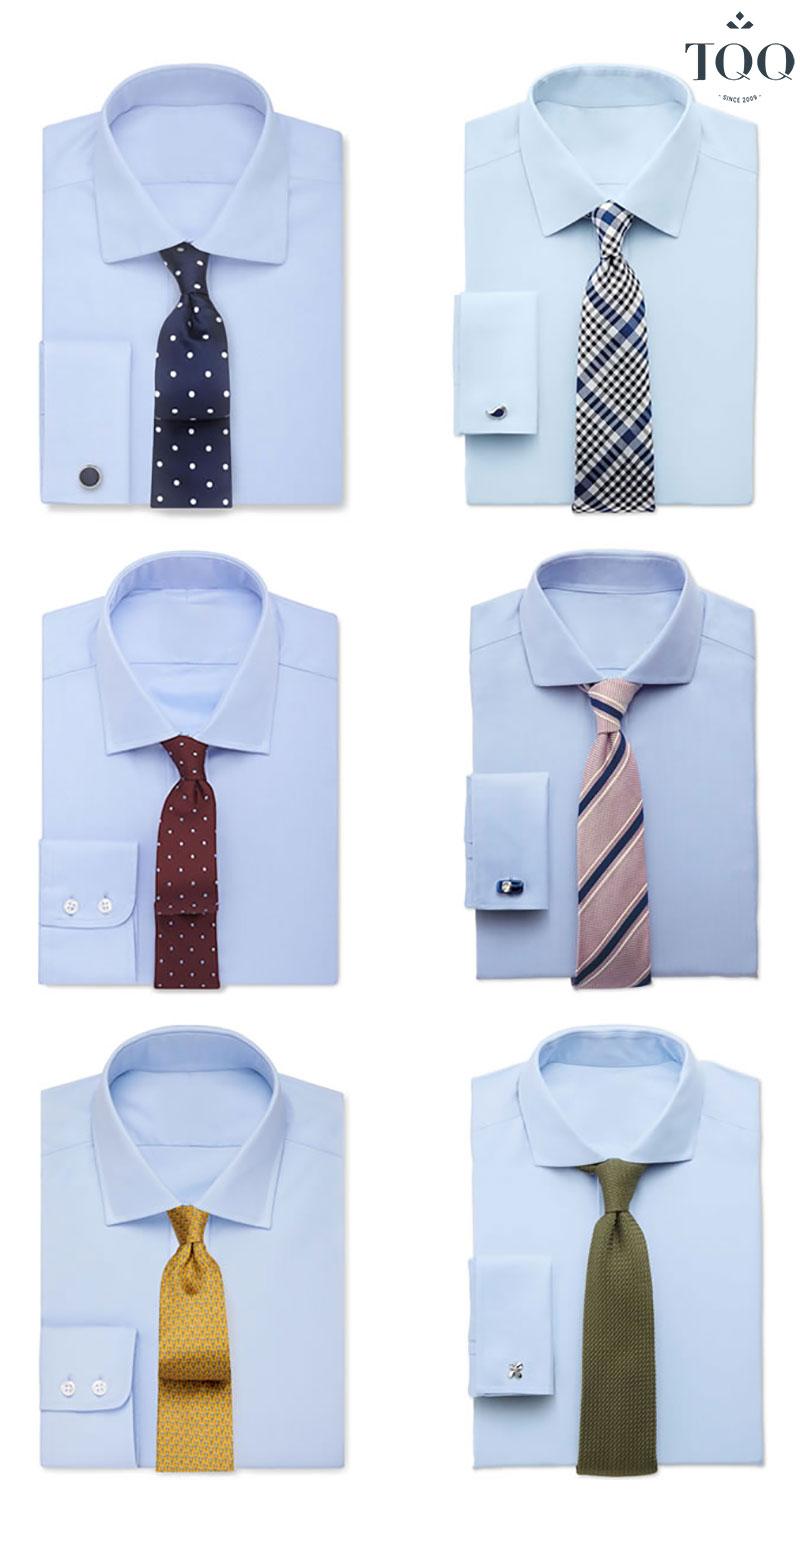 Sơ mi xanh phù hợp nhất với cà vạt có màu tím hoặc những màu xanh đậm